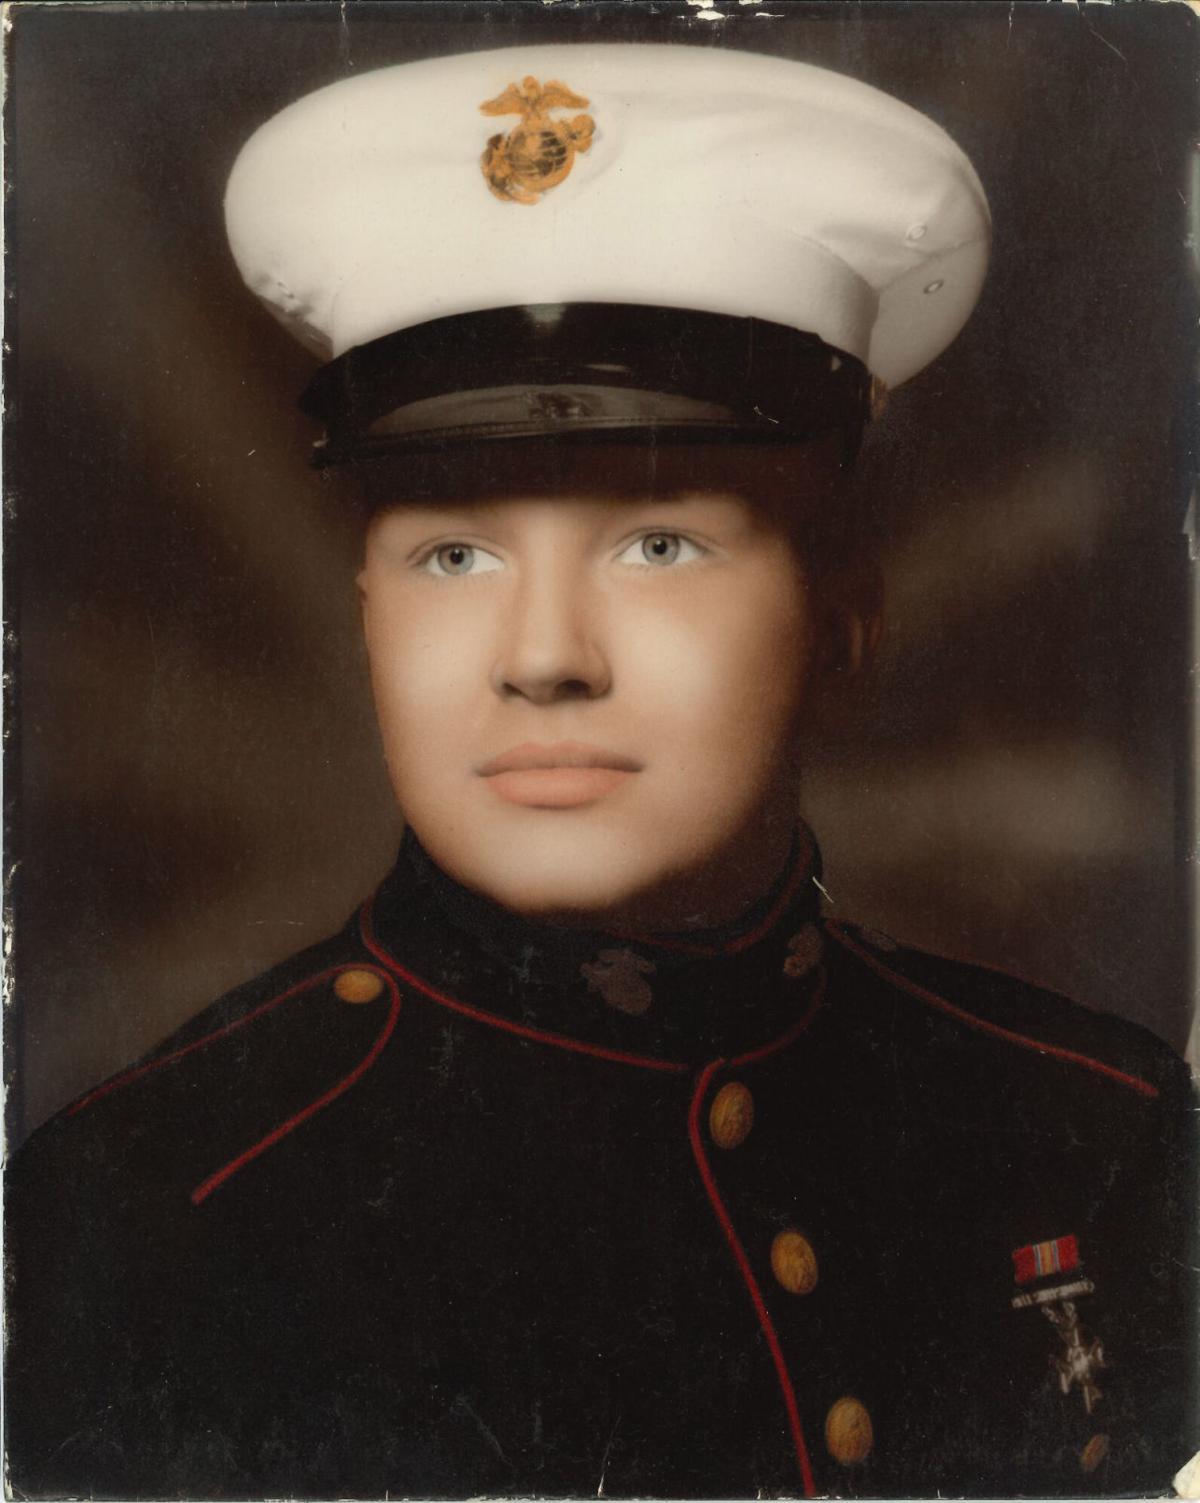 Robert Gene Stanley